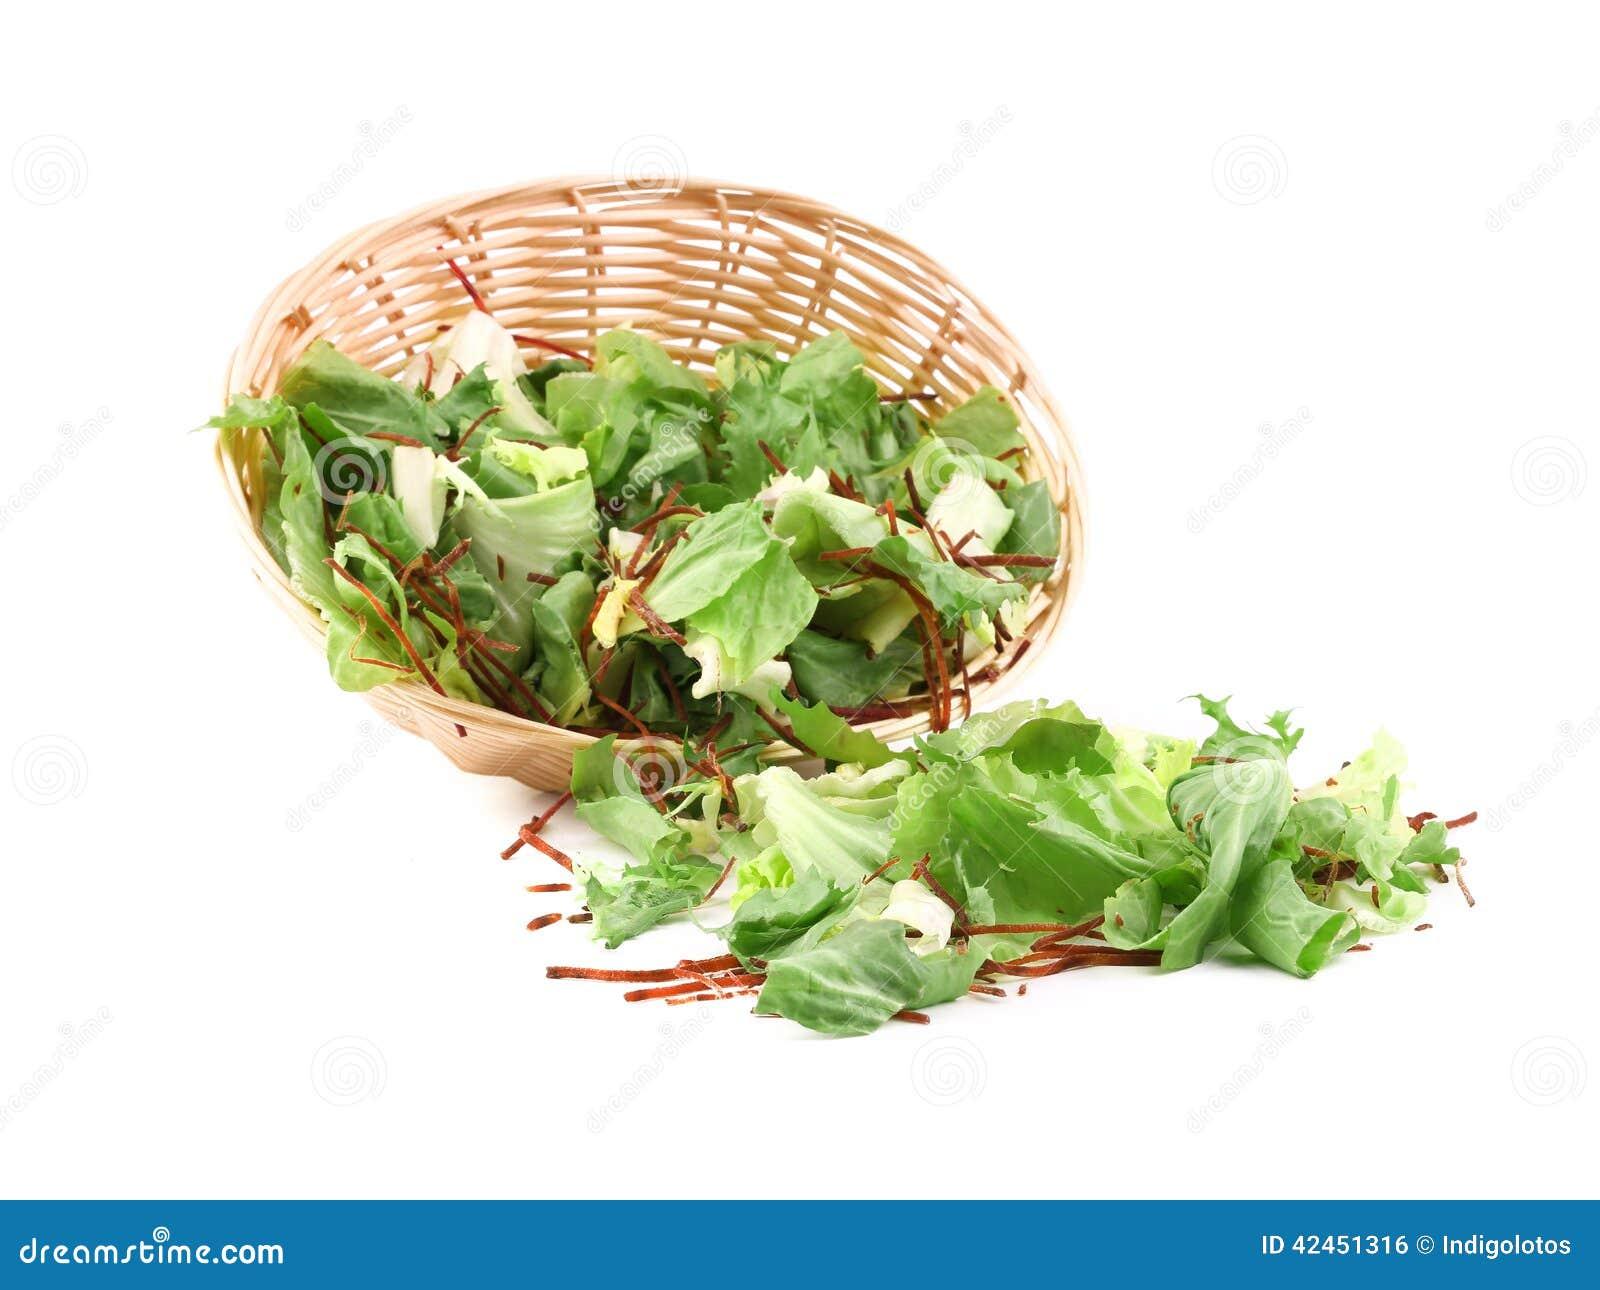 Kopfsalatblätter und -rote Rübe im Korb